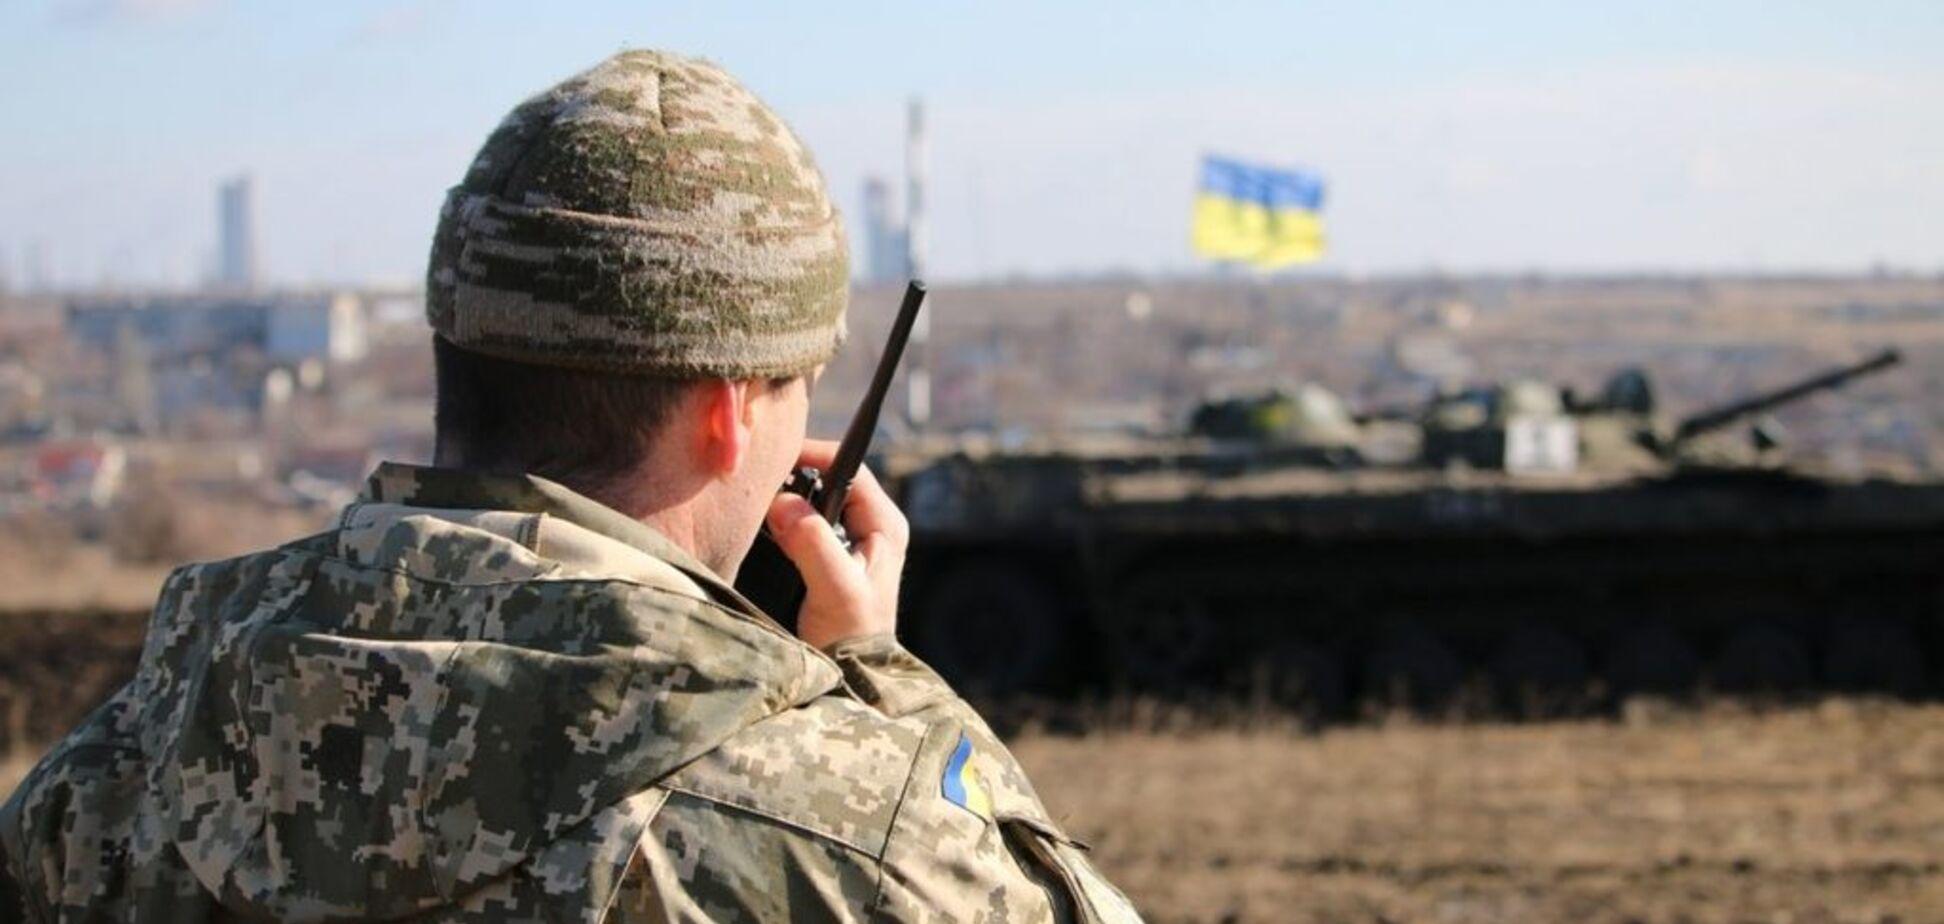 Найближчим часом буде штурм: у ЗСУ заговорили про звільнення Донбасу